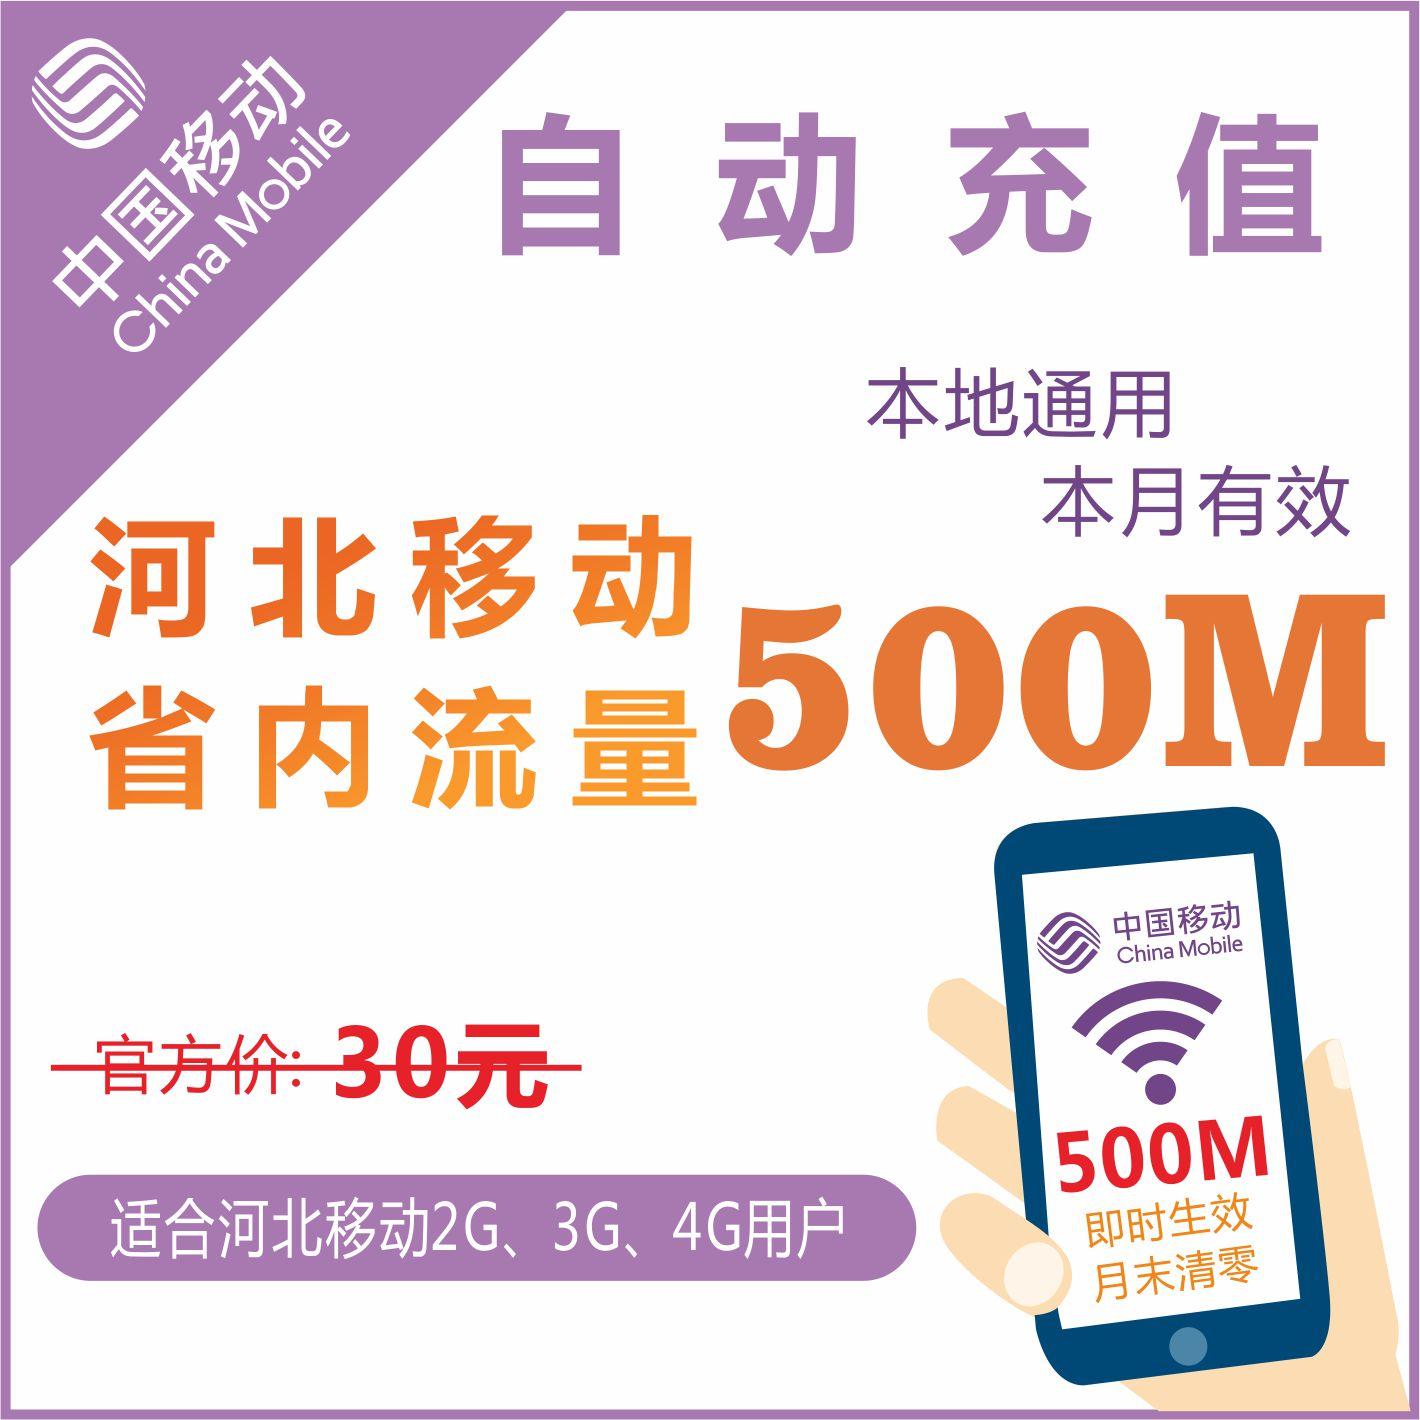 河北移動省內500M 手機流量充值上網疊加油卡包當月有效